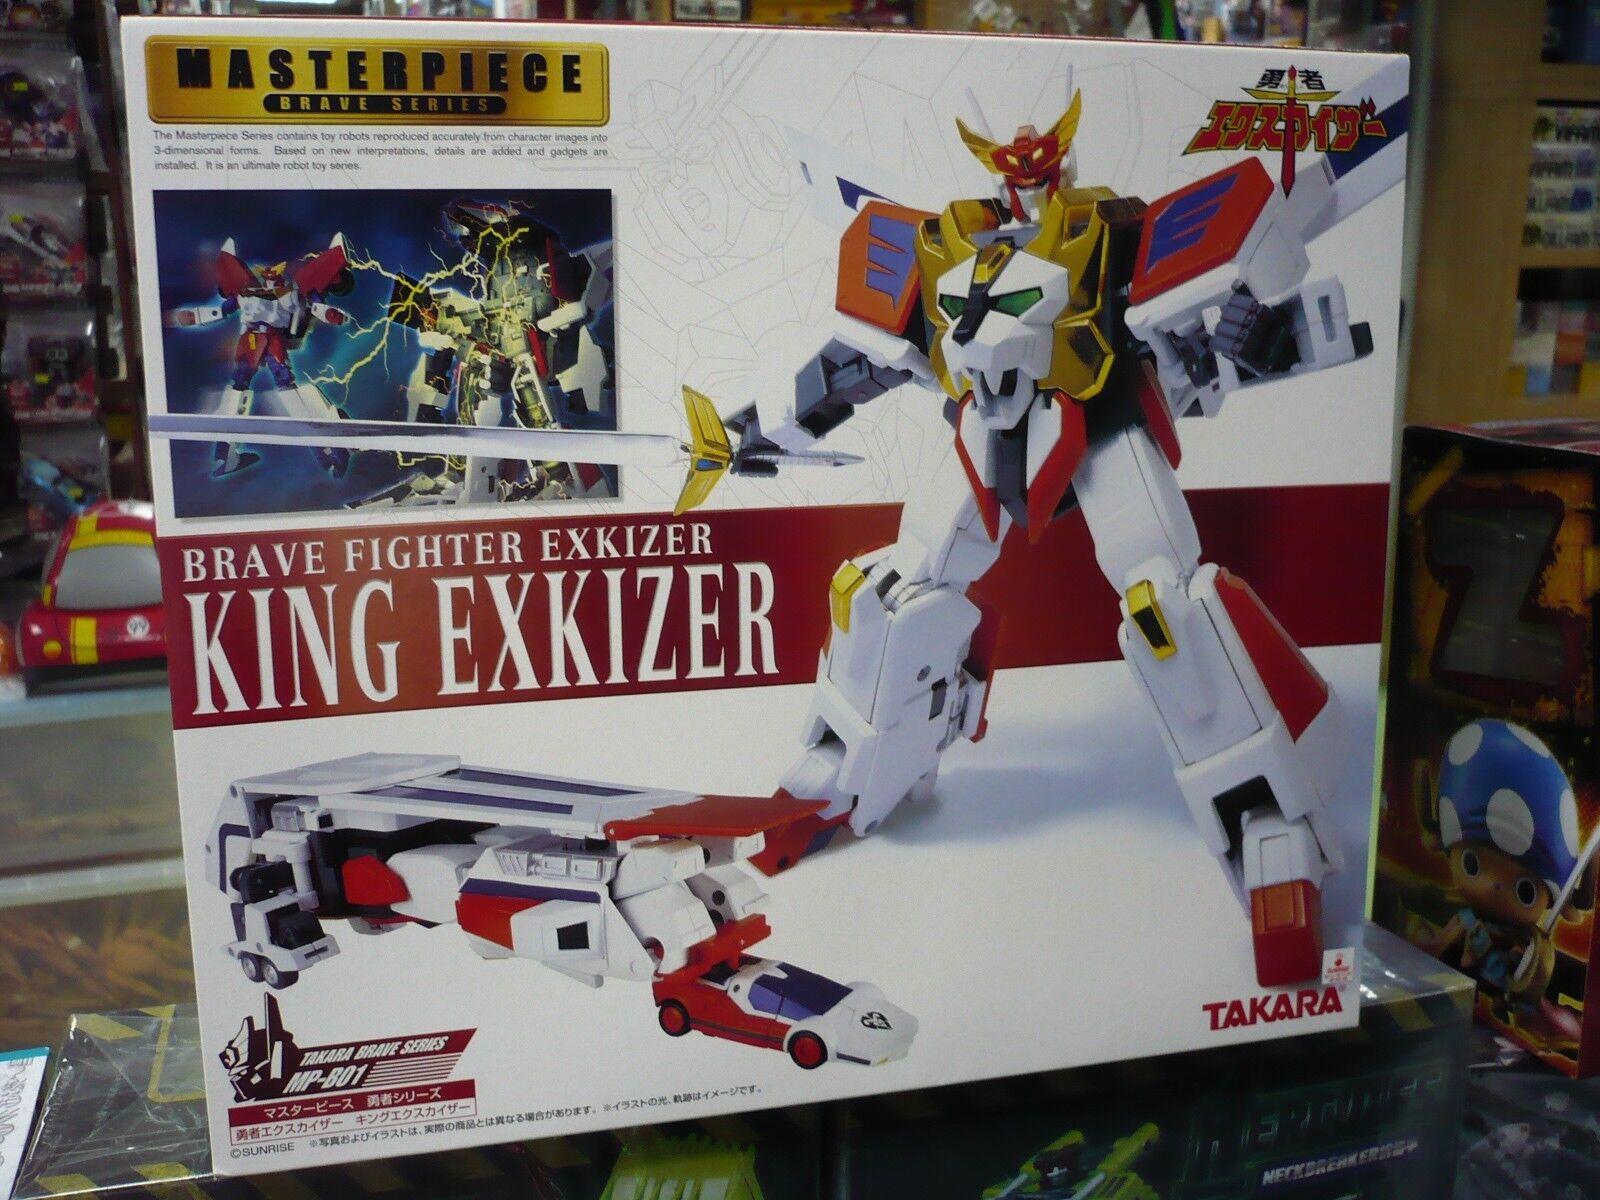 MASTERPIECE Brave Fighter Exkizer MP-B01 KING EXKAISER Action Figure TAKARA TOMY